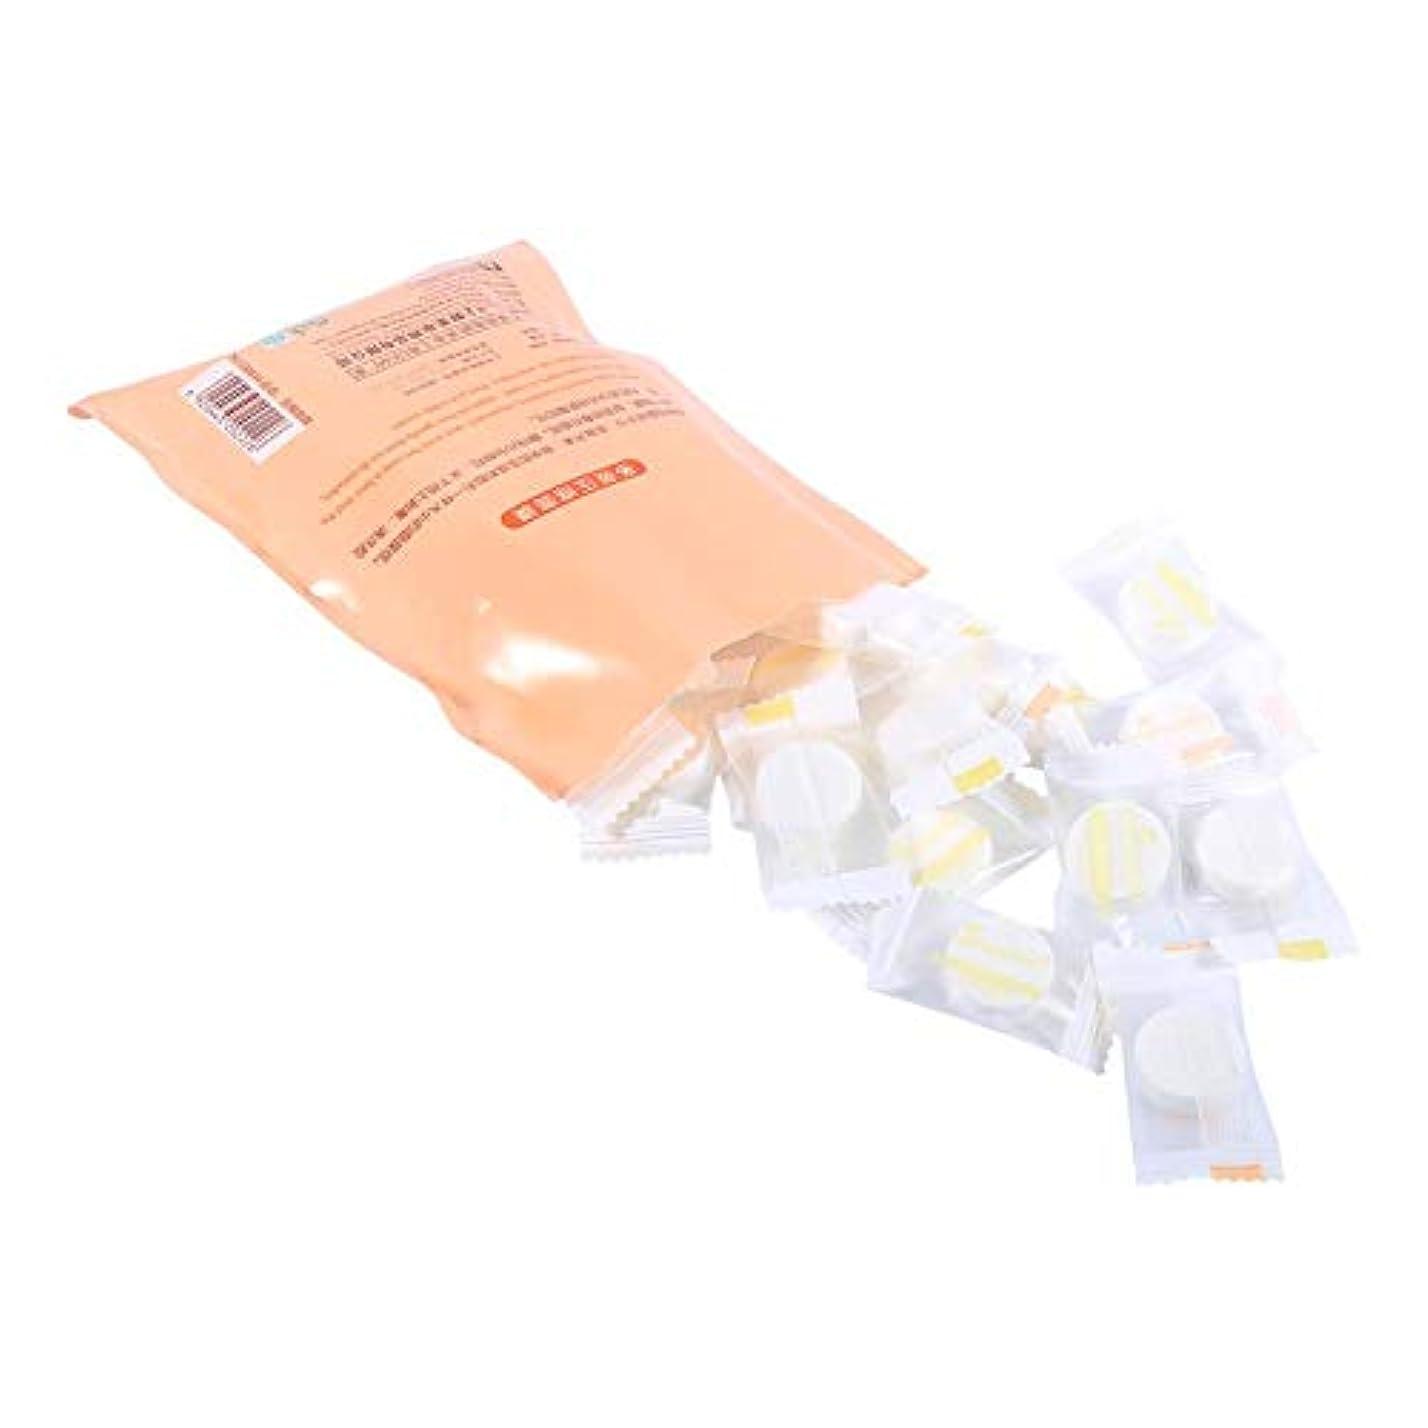 圧縮マスク、60/30/15ピース屋外旅行圧縮綿使い捨てマスクタブレット布ワイプ紙ティッシュフェイスケアdiyフェイシャルペーパーマスク(30個)